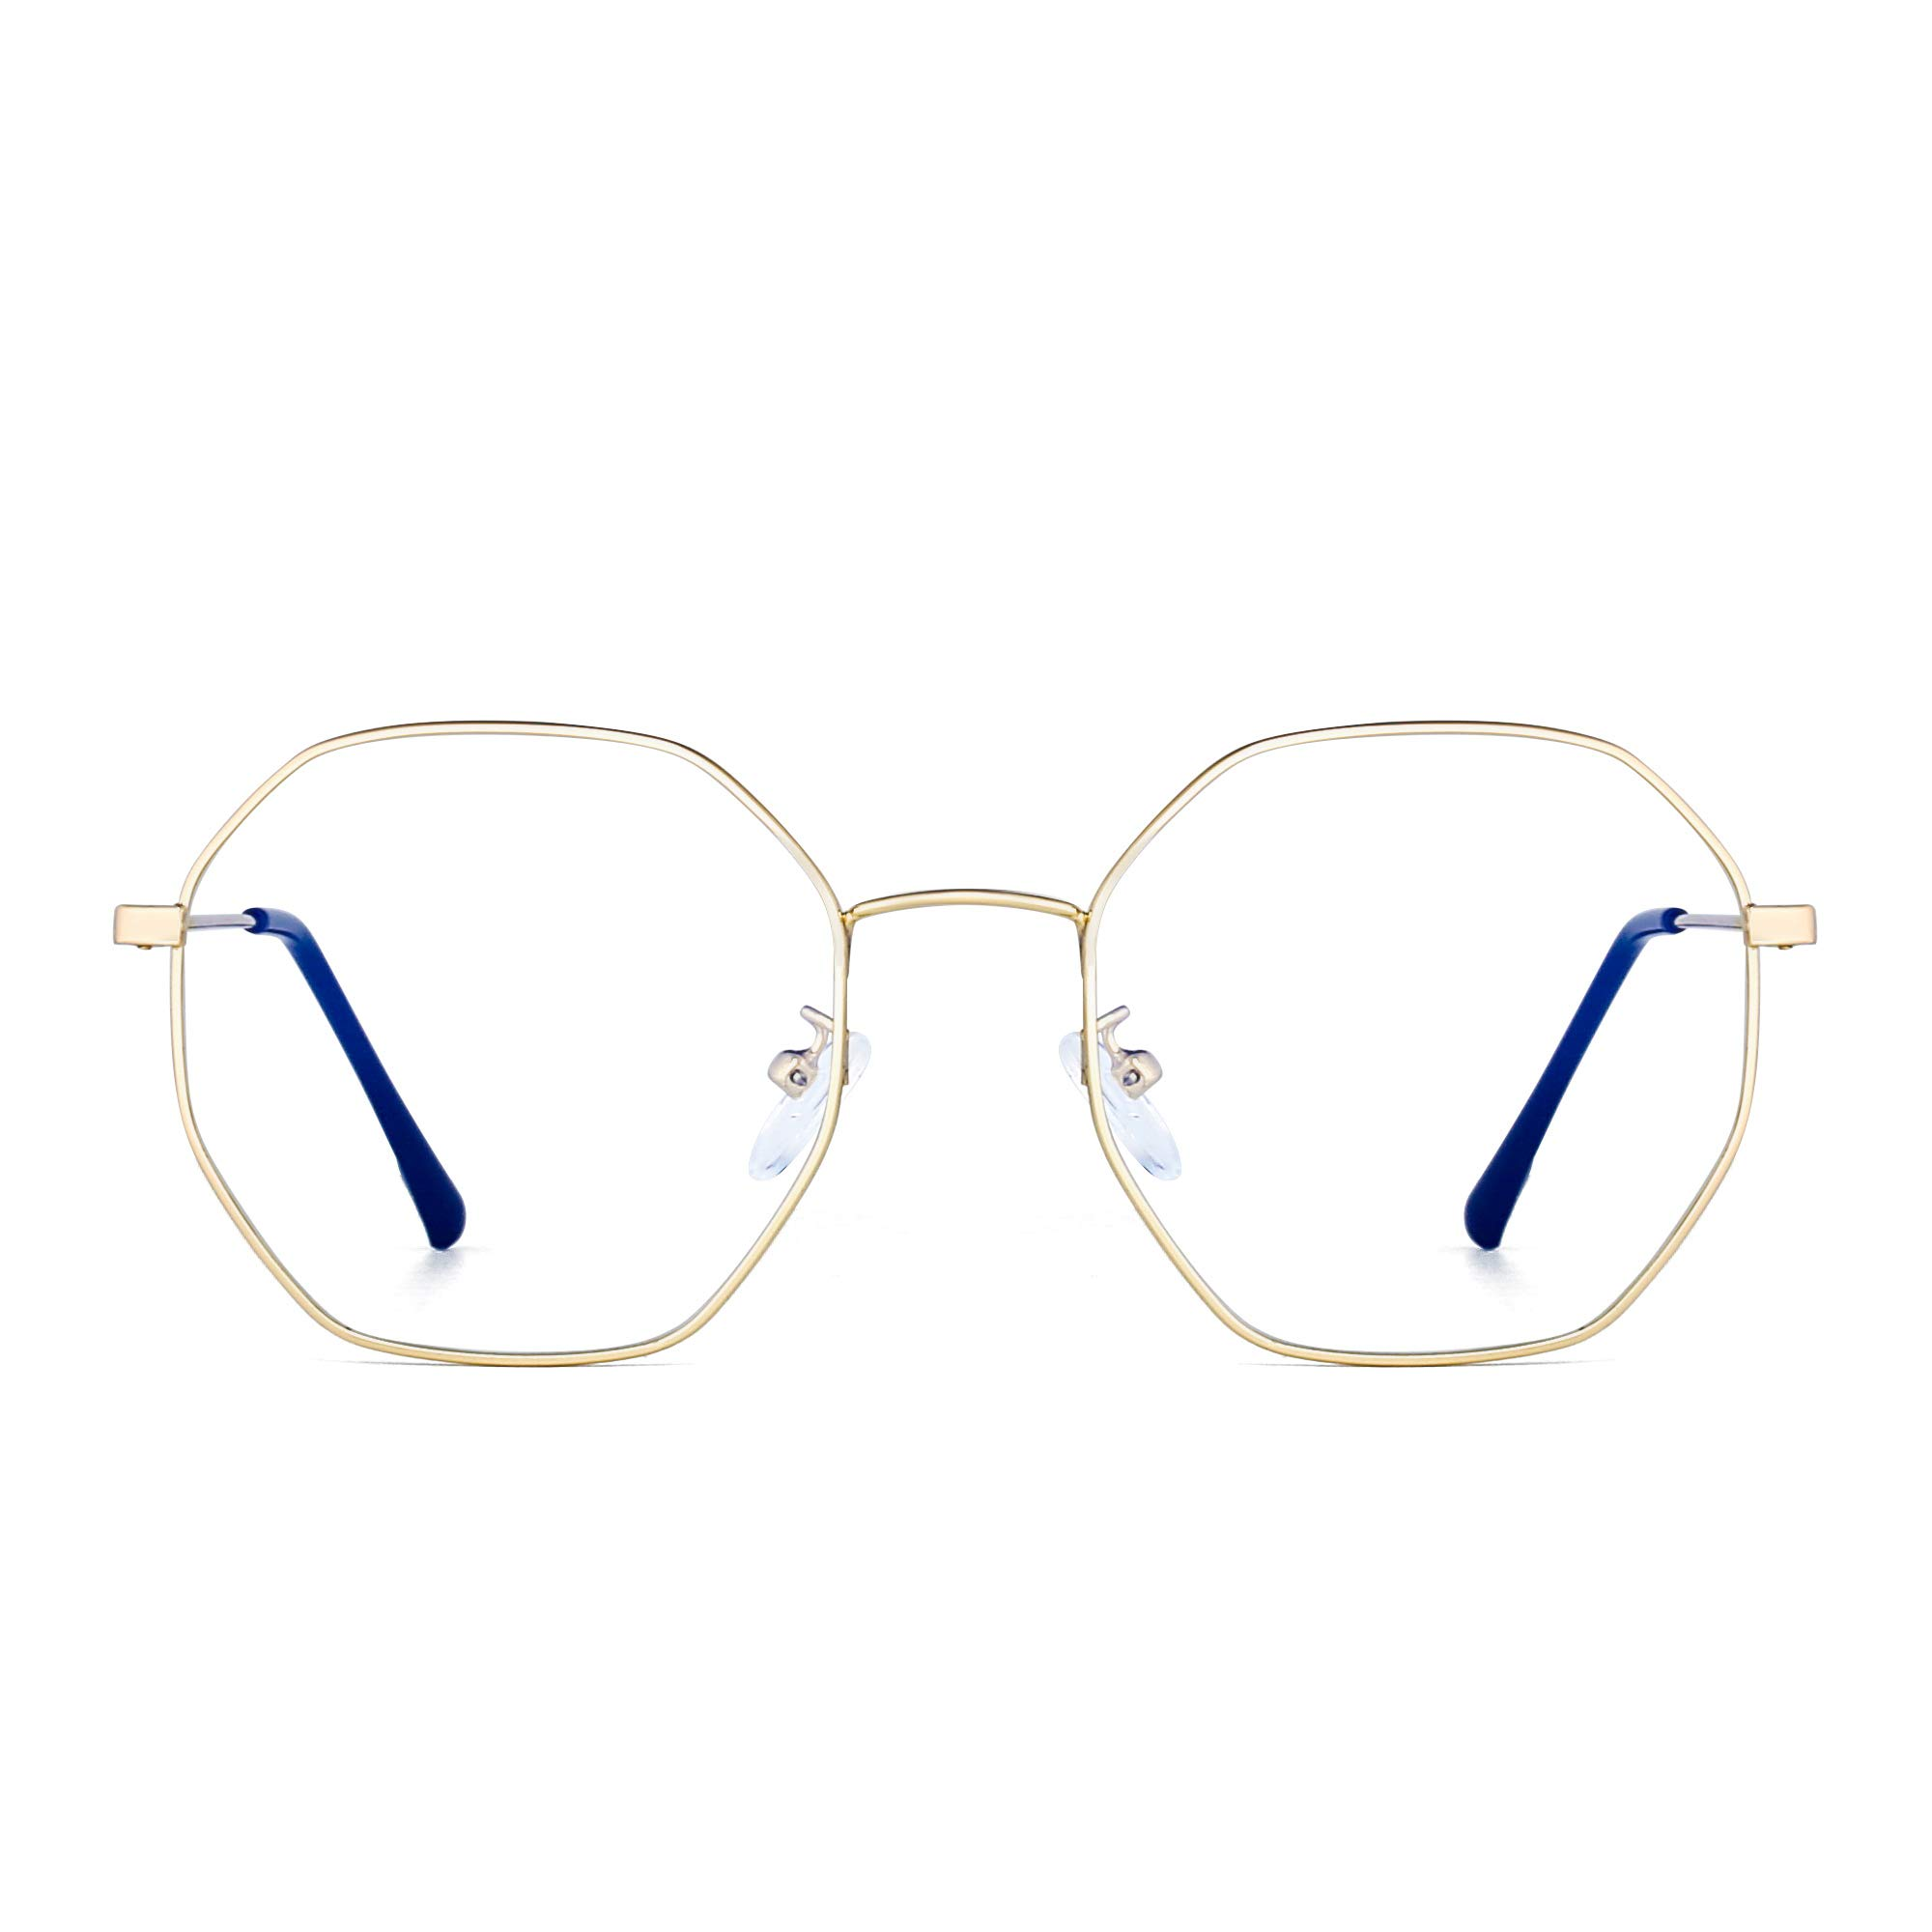 96fc412e31eed JM Lunettes Optiques Anti-lumière Bleue Designer Mode Cadre en Métal  Lunettes de Vue Polygone Protection des Yeux Femmes